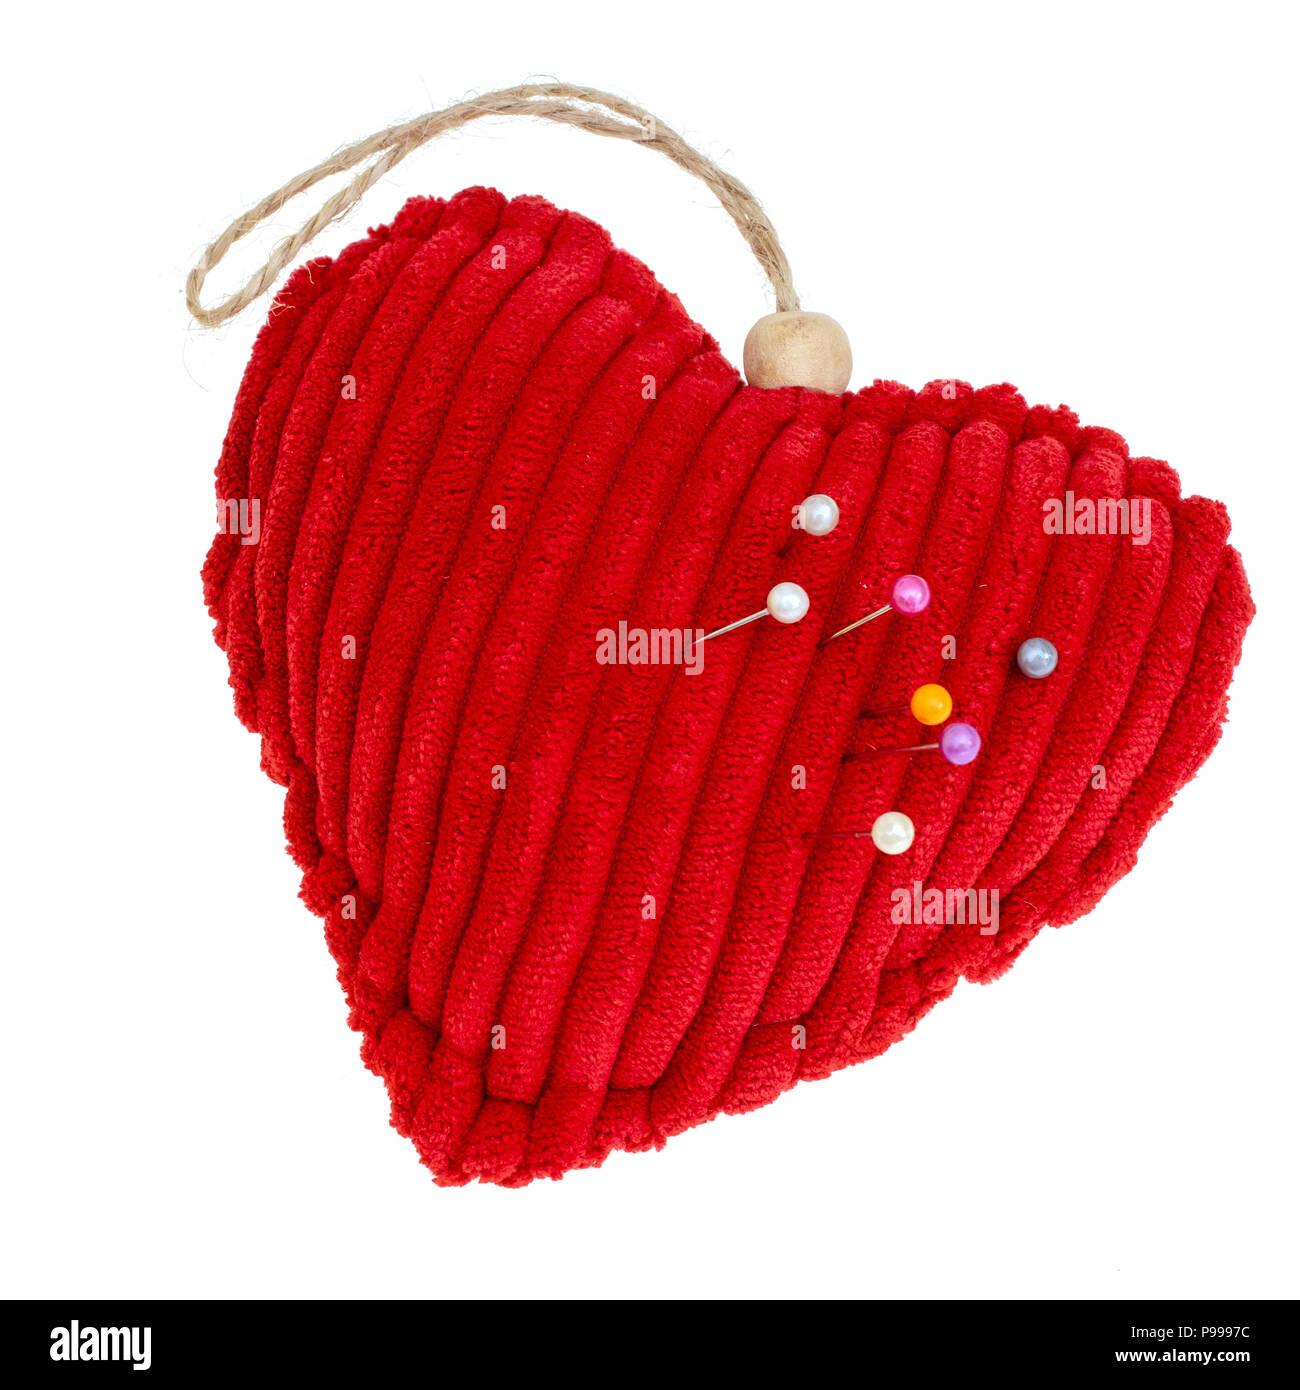 Cordon rouge en forme de coeur tissu pincushion isolé sur blanc. À l'aide de goupilles. Photo Stock